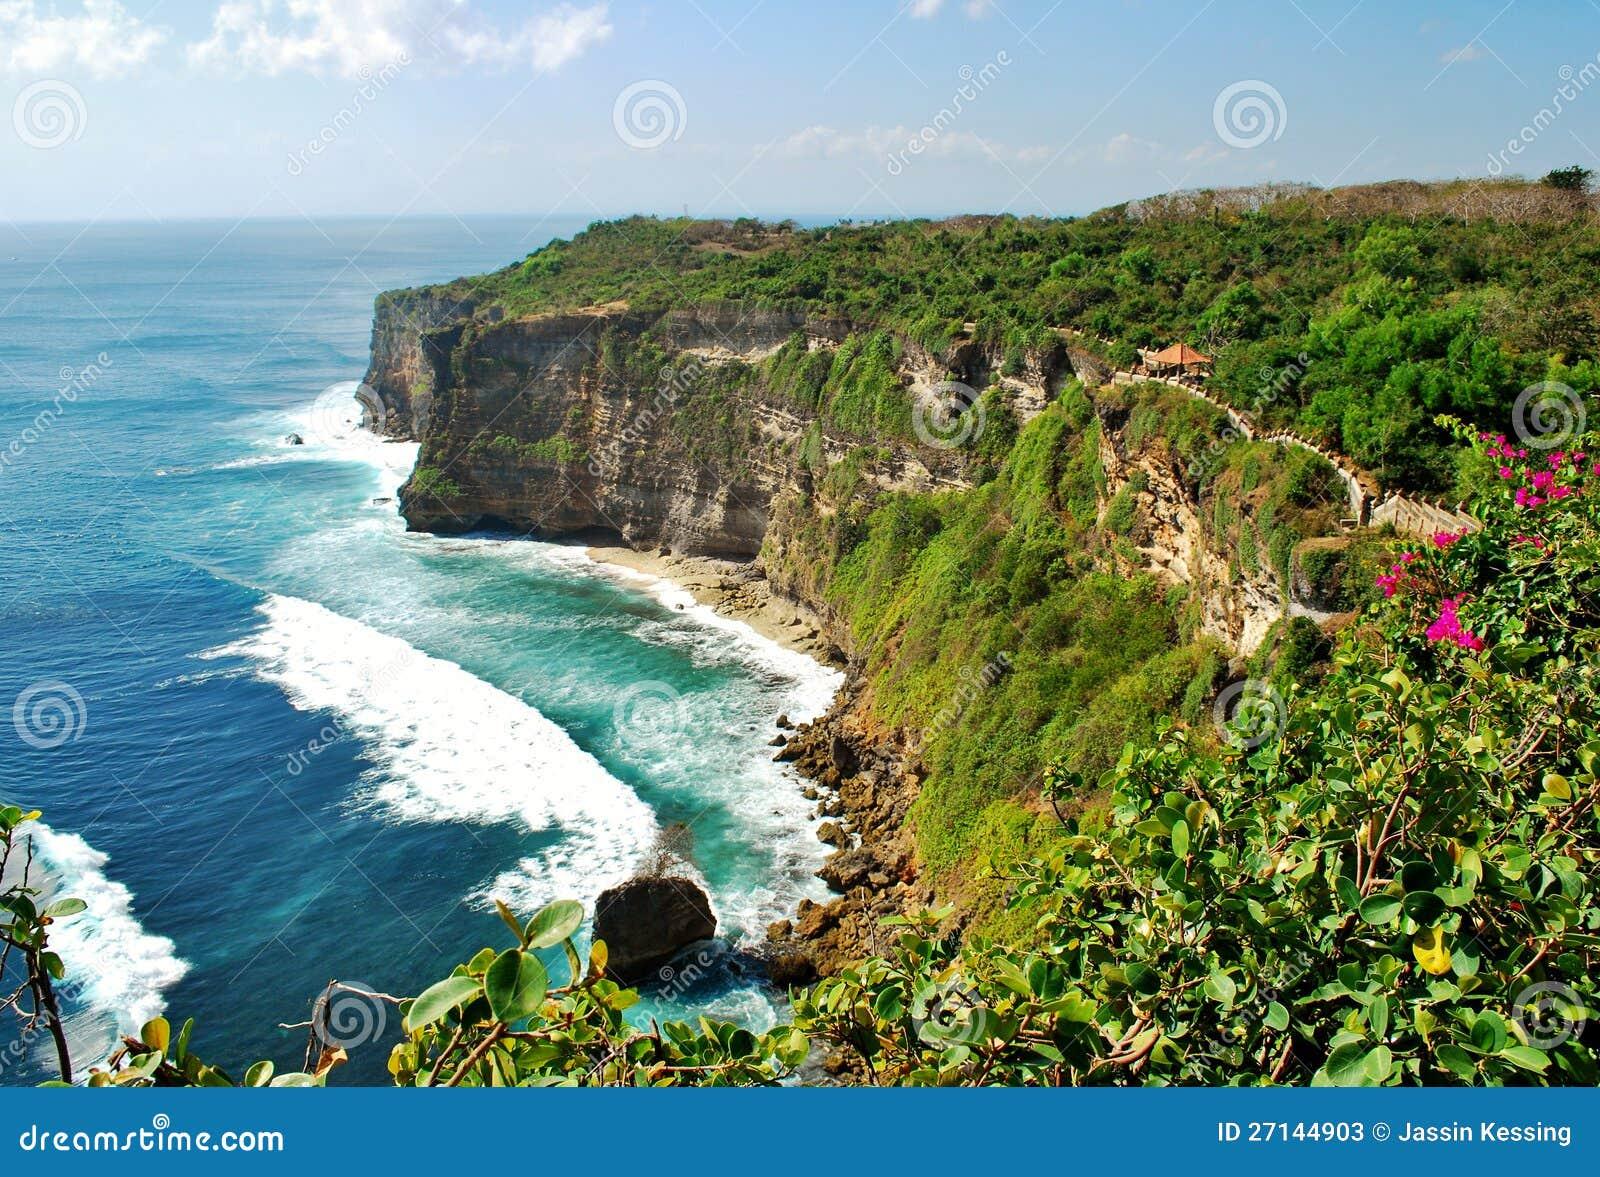 Cliffs Near Uluwatu Temple Bali Indonesia